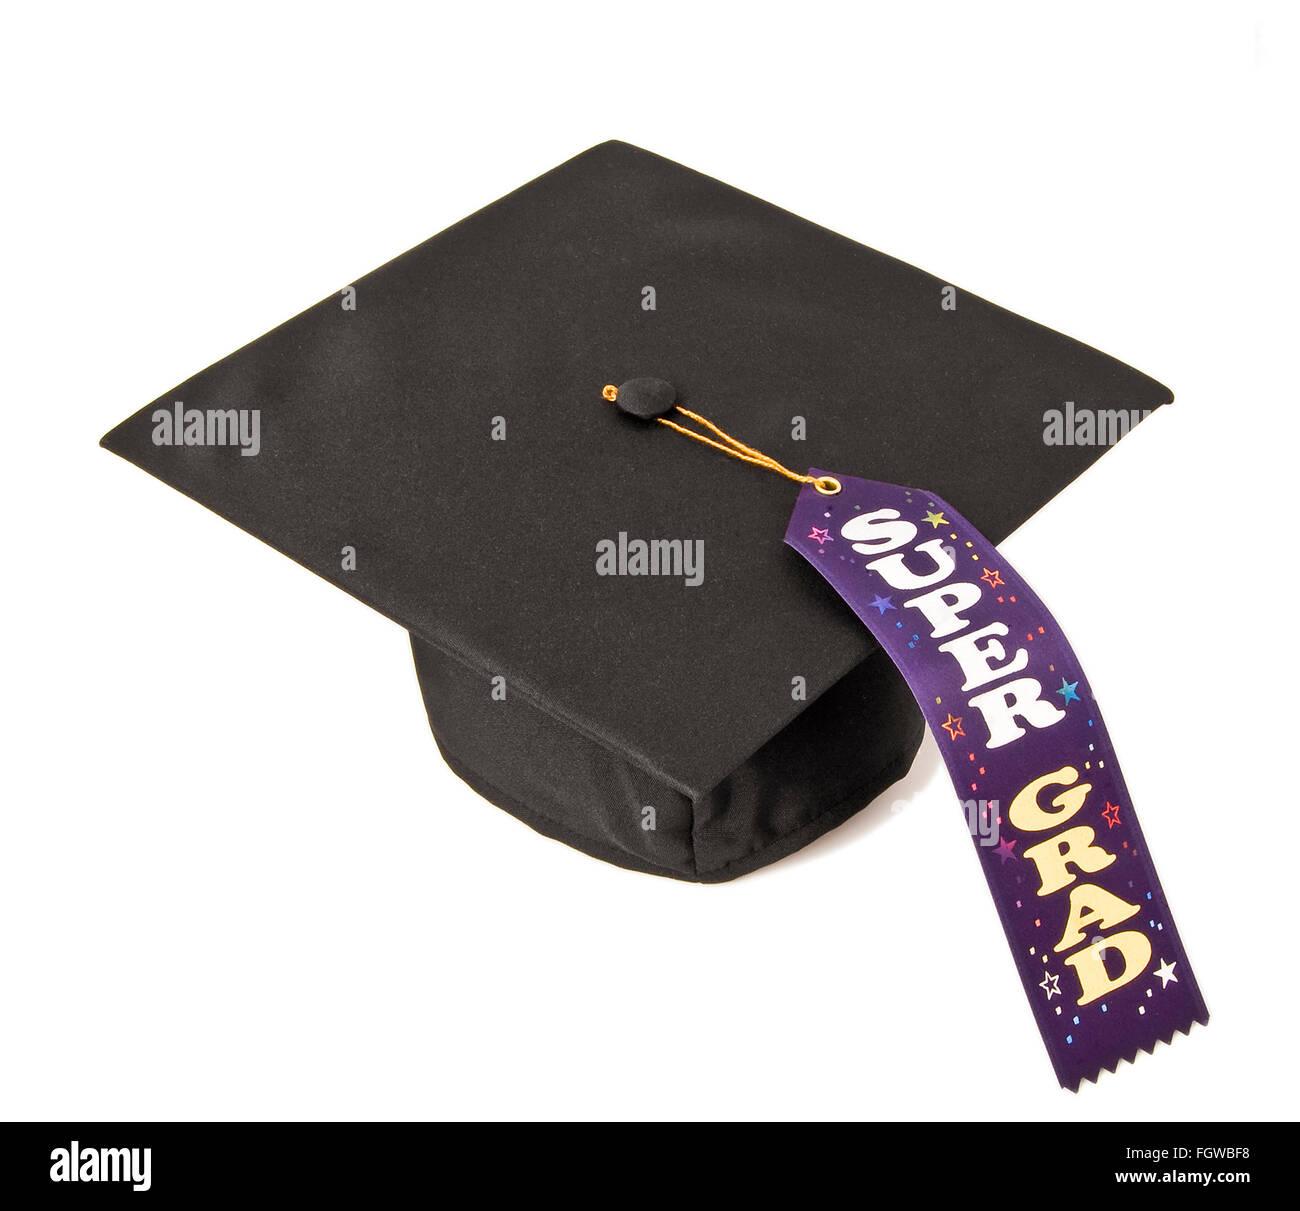 Super Grad Graduation Cap - Stock Image